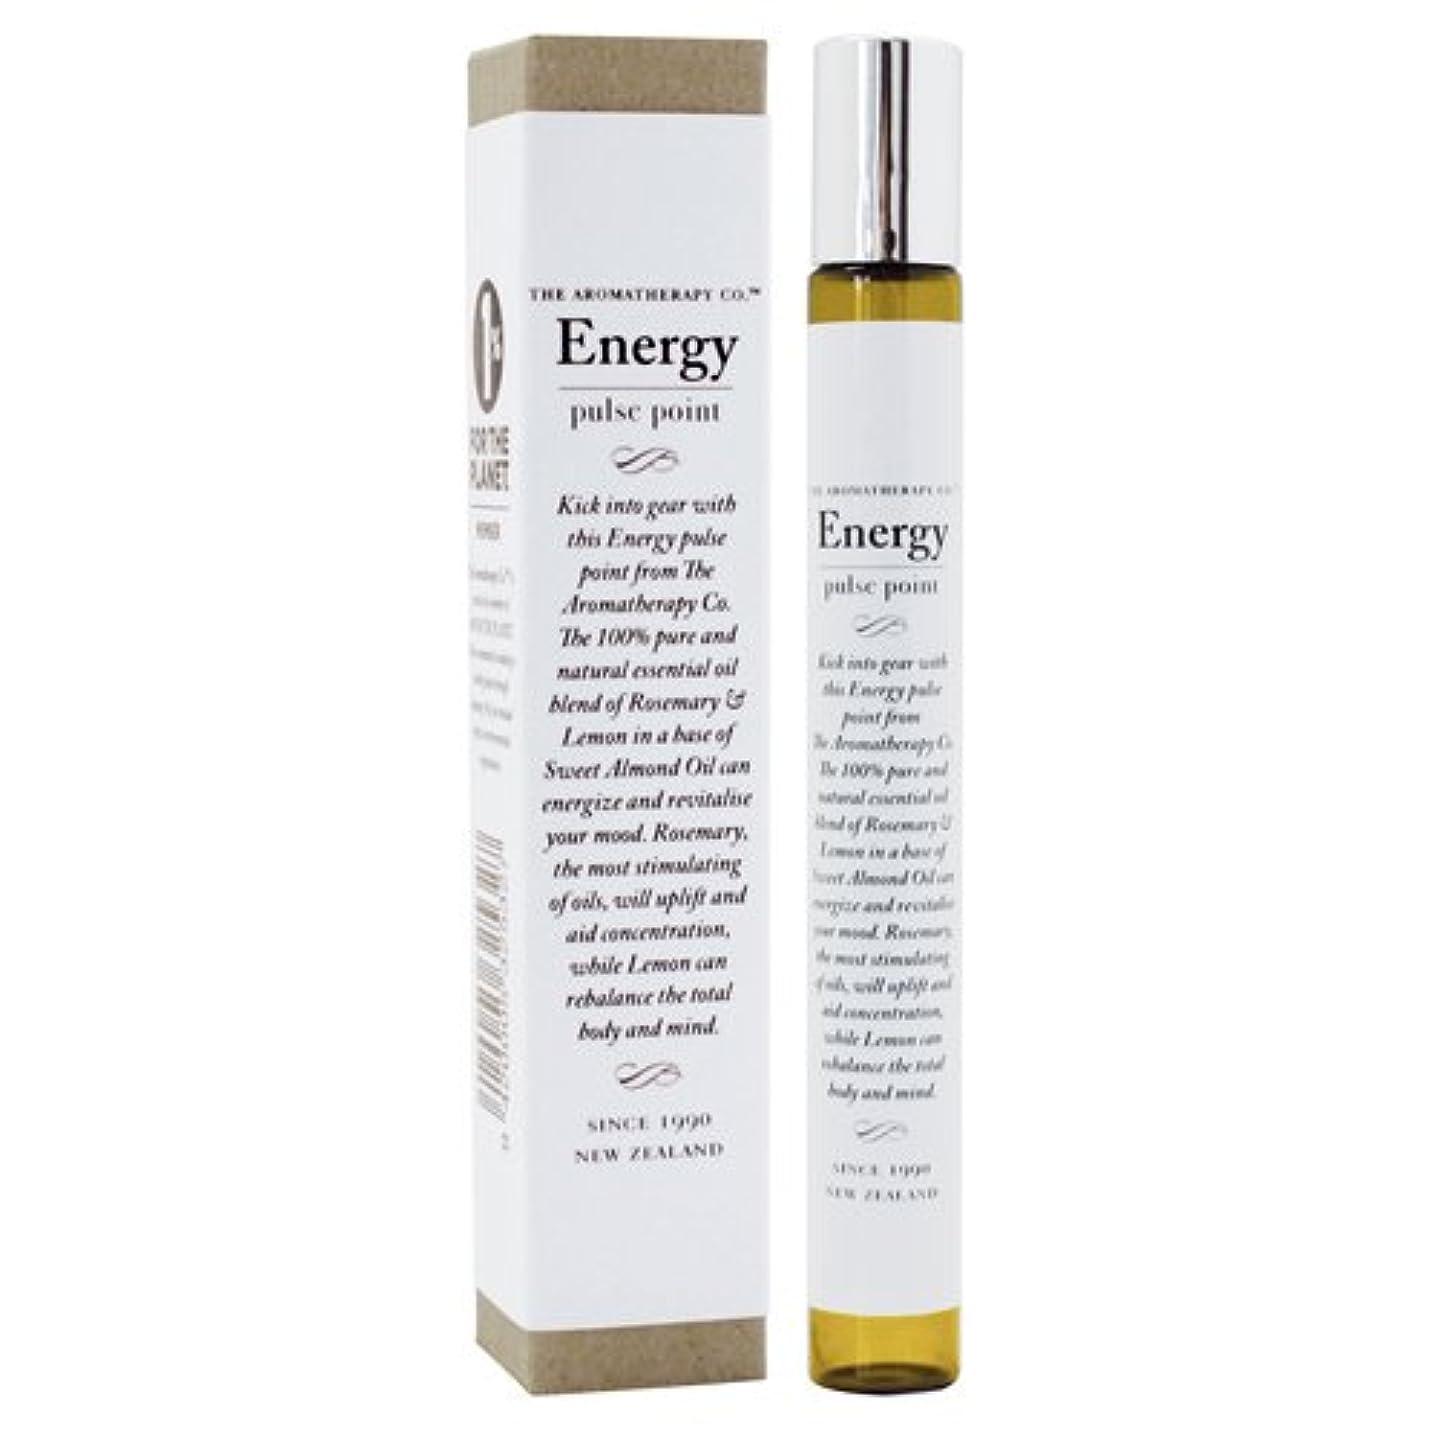 ぬれた王位合併症Therapy Range セラピーレンジ Pulse Pointパルスポイント Energyエナジー